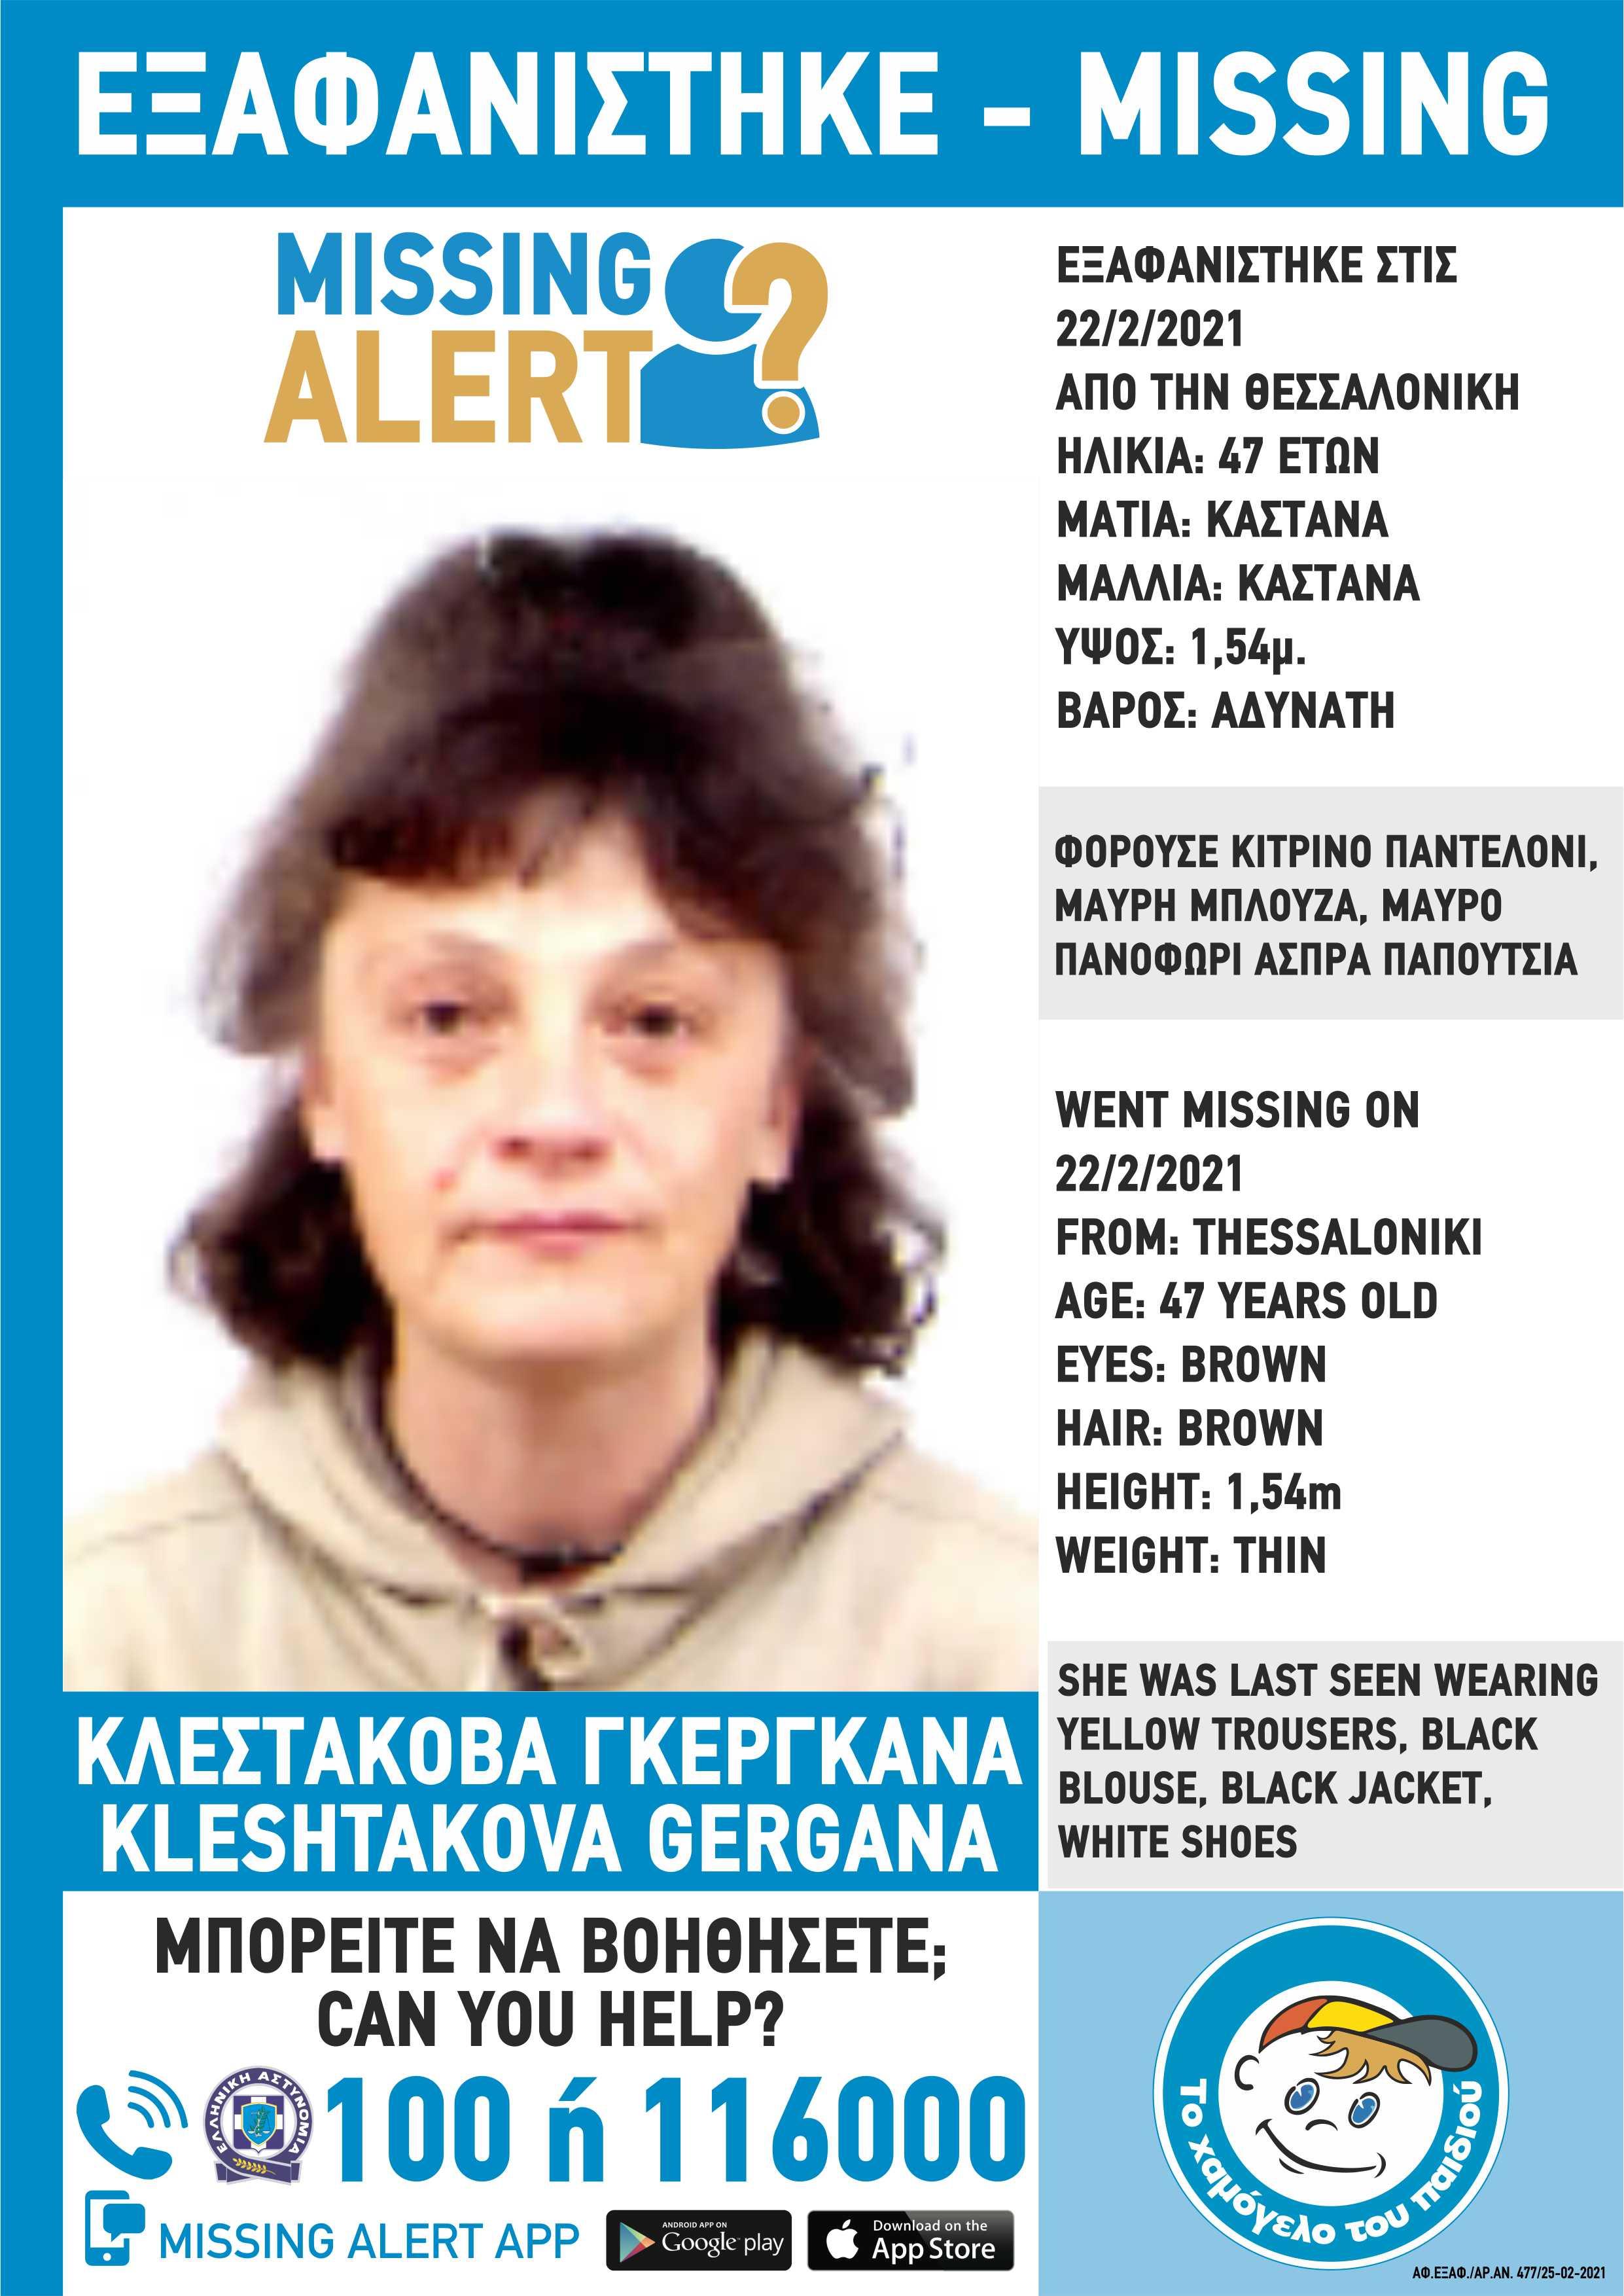 Θεσσαλονίκη: Συναγερμός για την εξαφάνιση 47χρονης